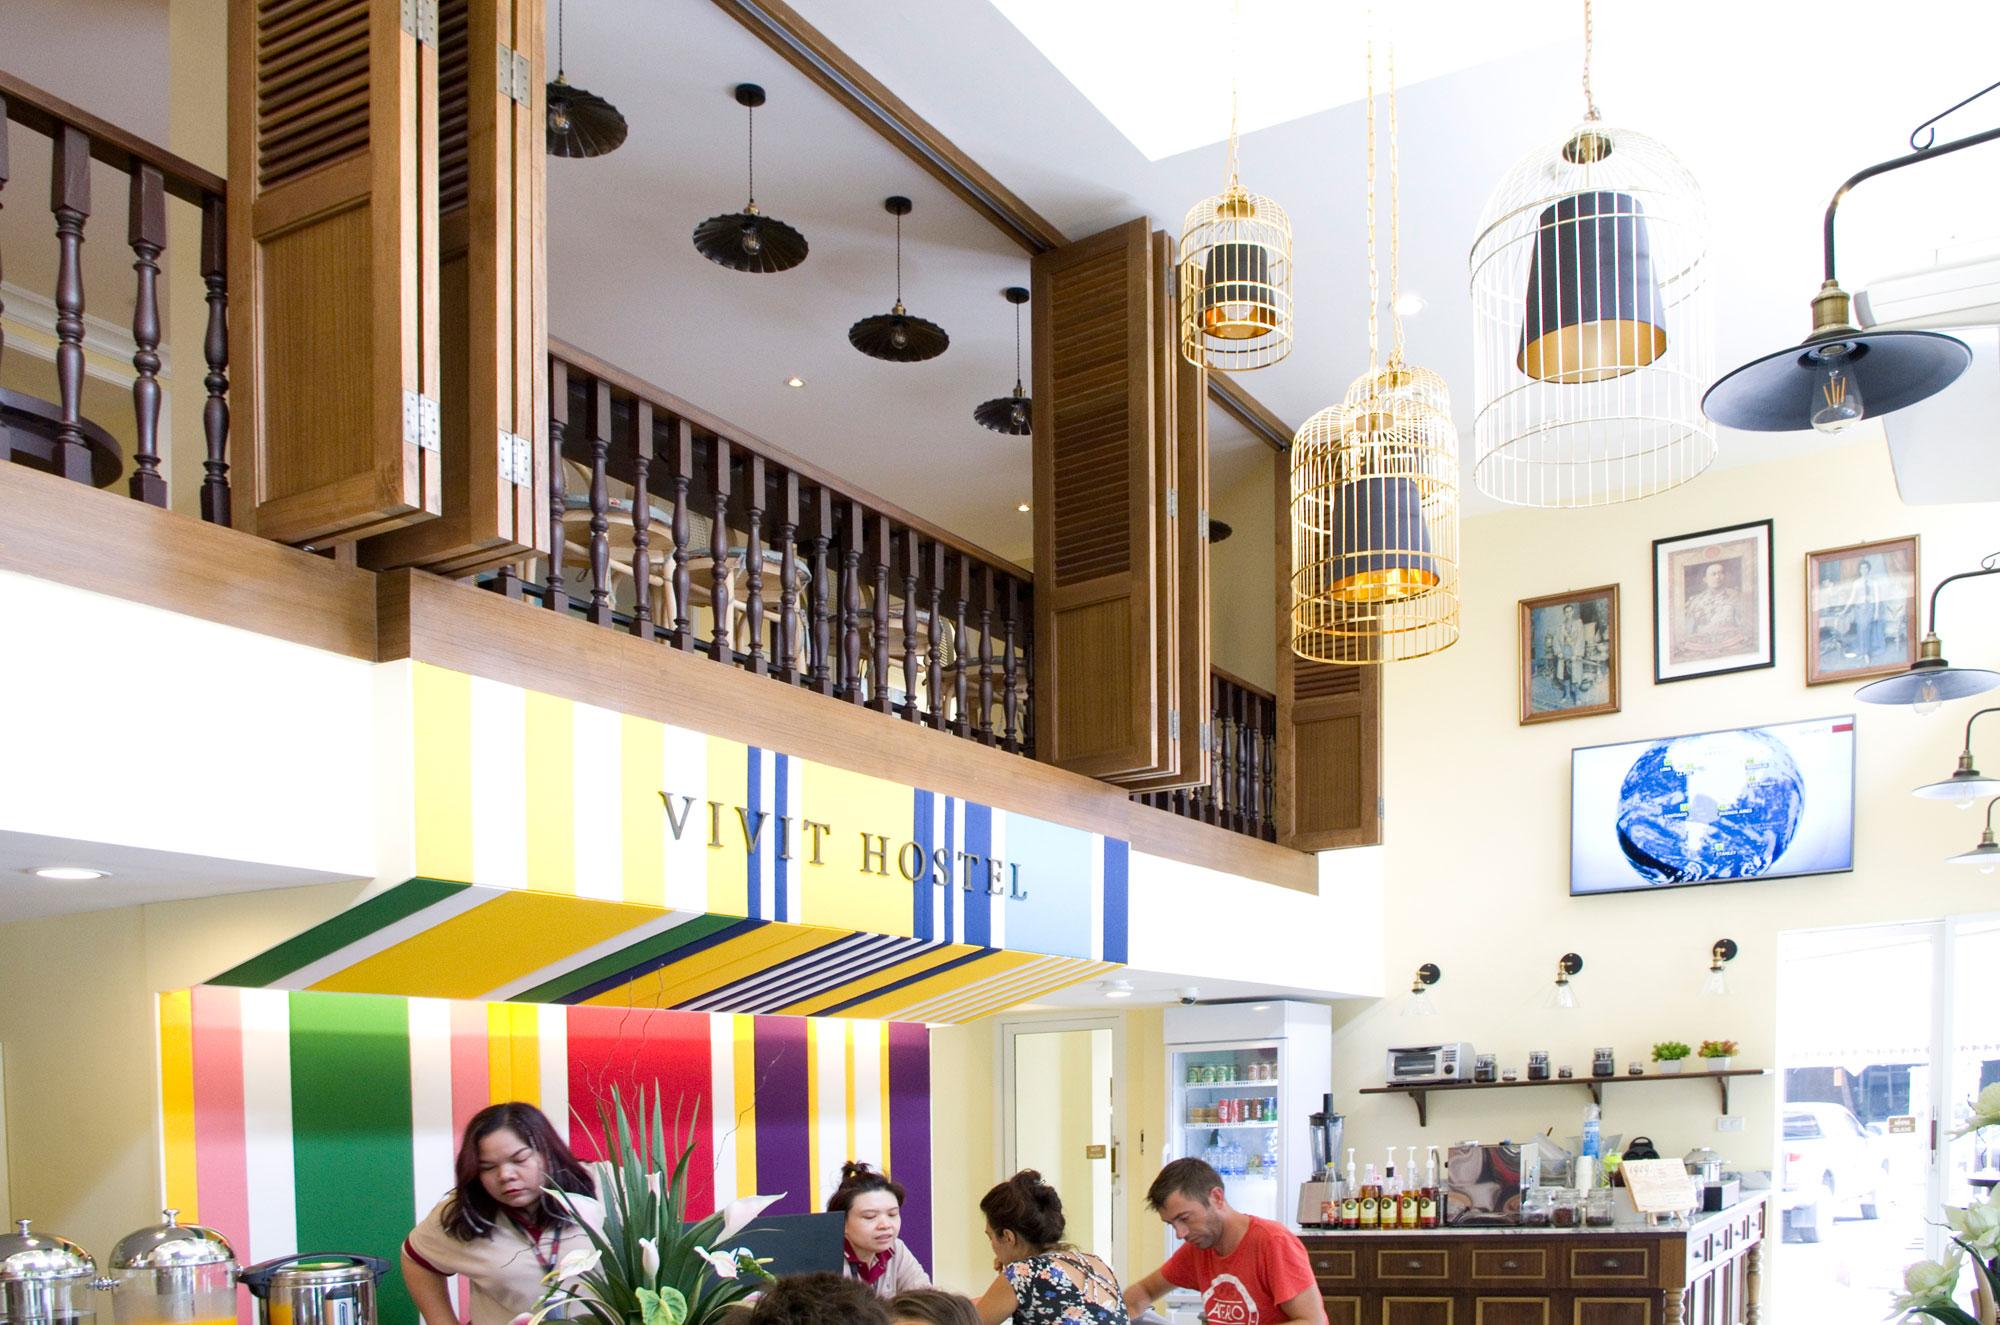 L'ingresso del Vivit Hostel Bangkok, con vista del balcone della sala superiore